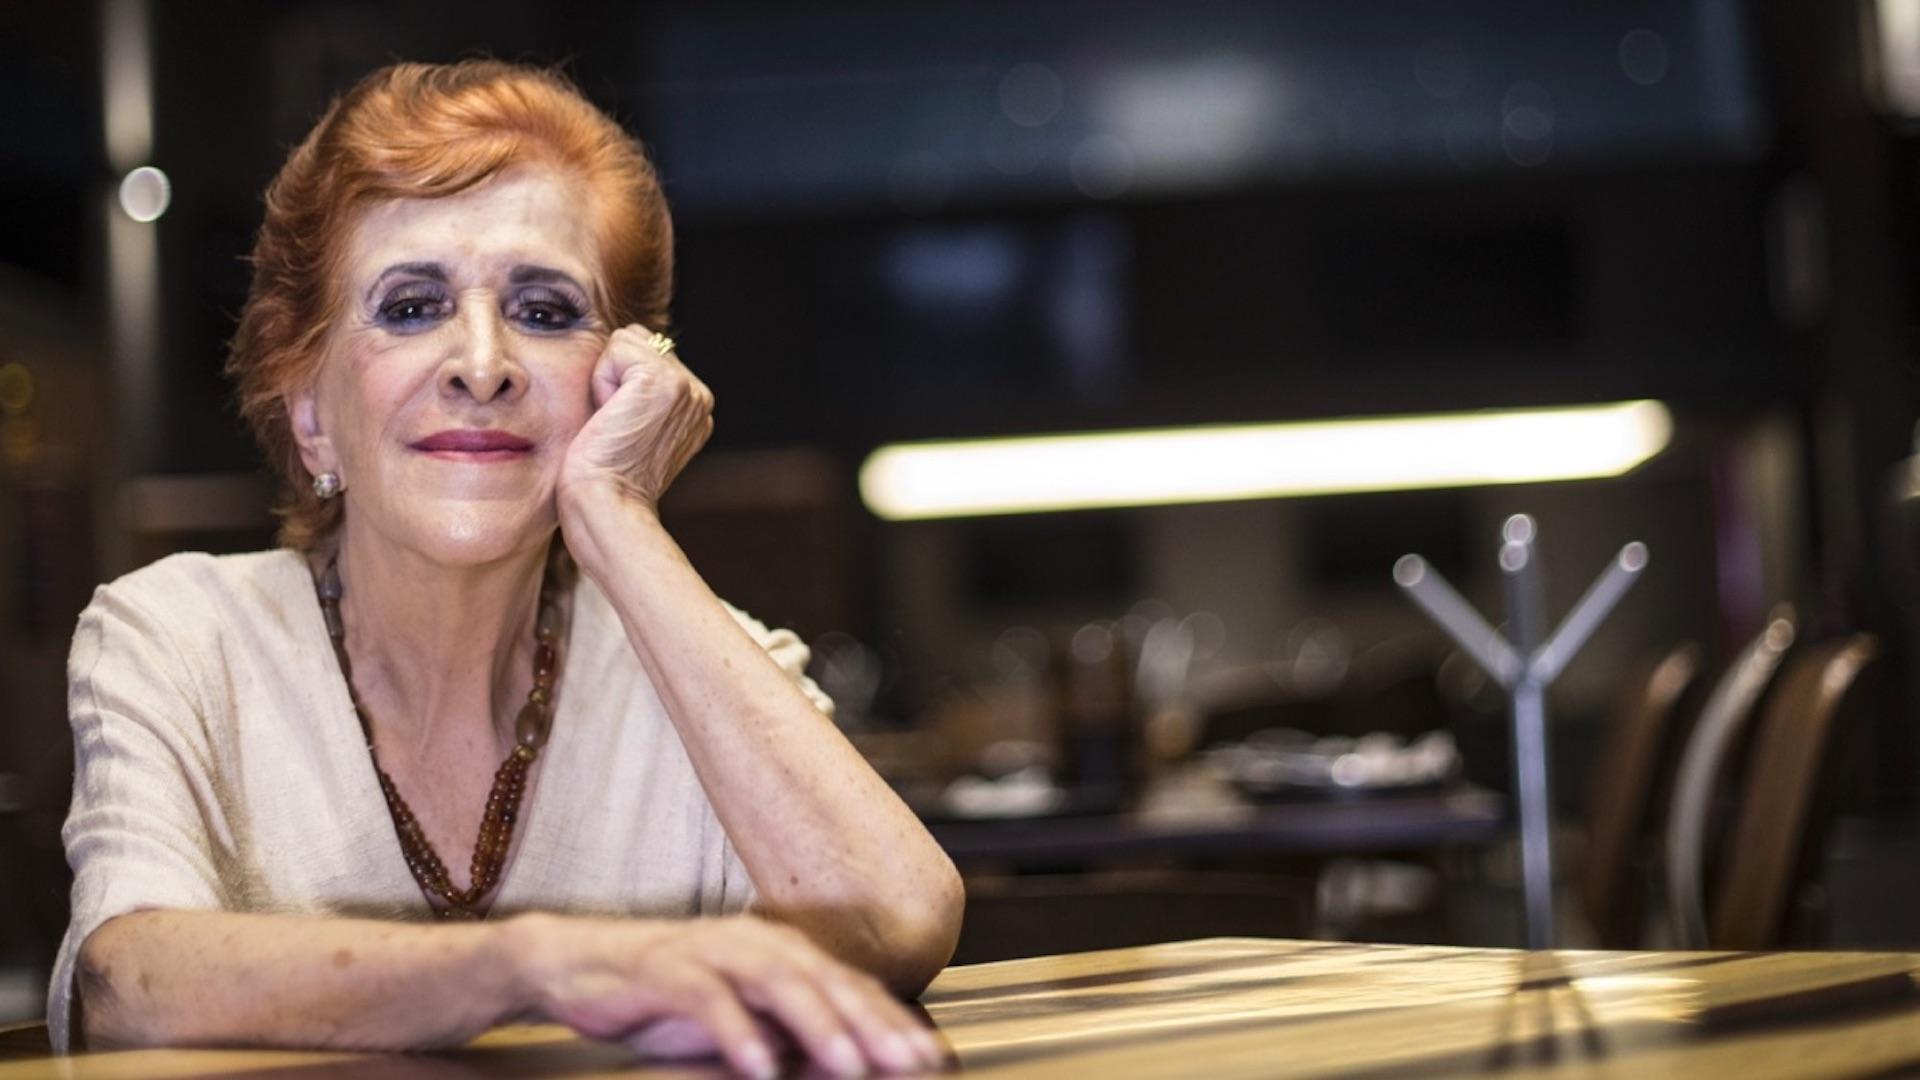 Chepina Peralta. Fallece la matriarca de los programas de cocina